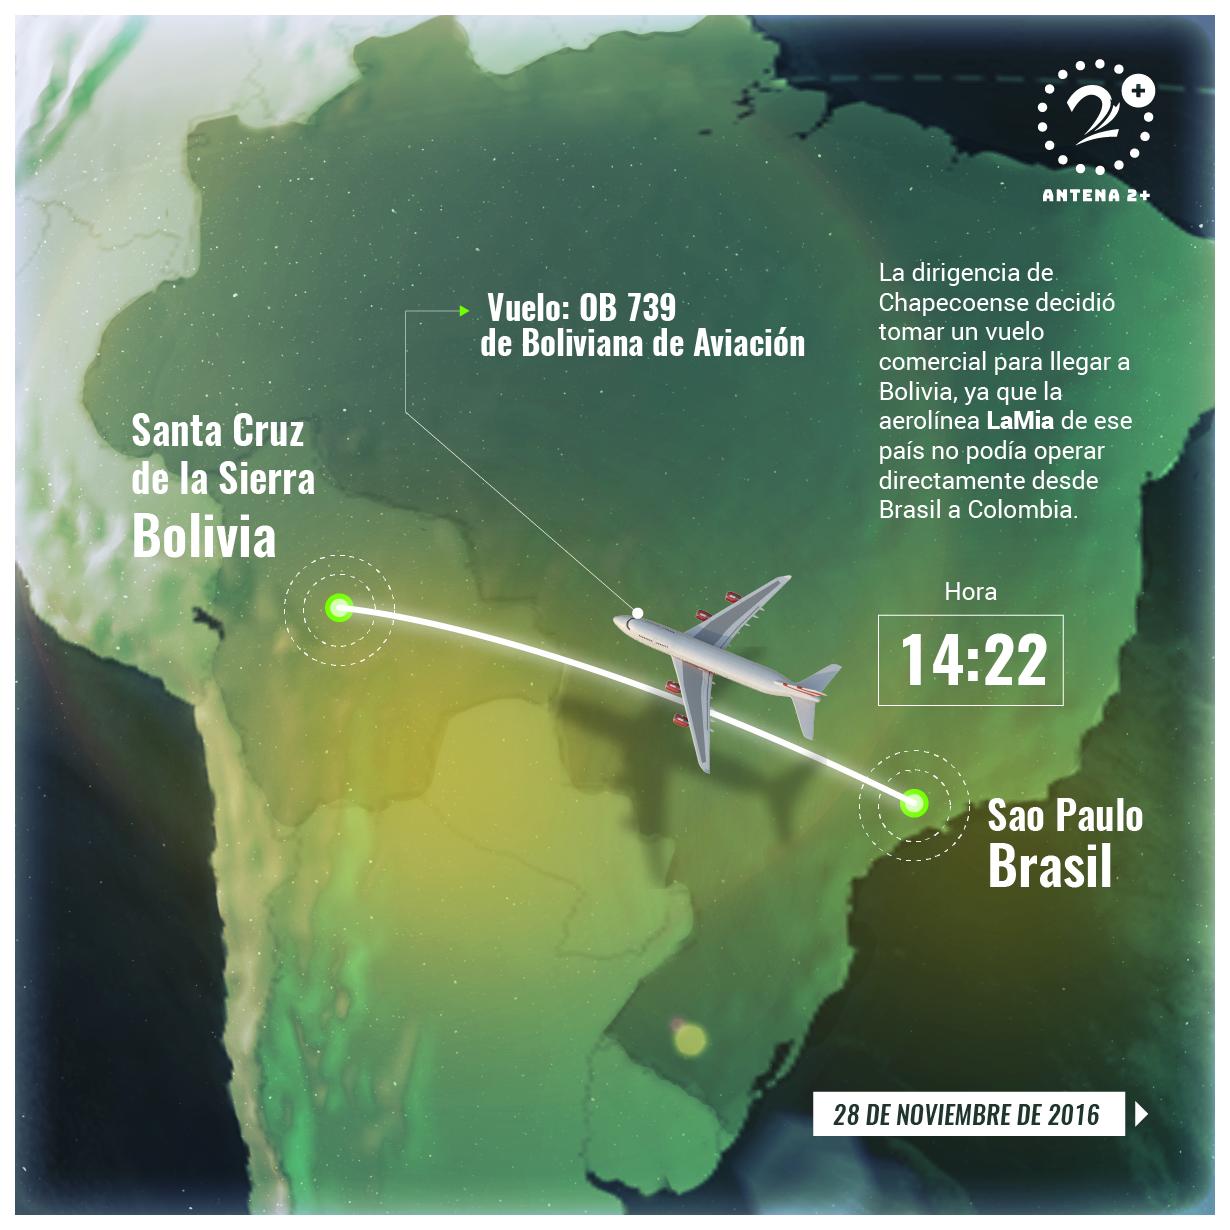 La aerolínea LaMia debe viajar de Santa Cruz de la Sierra, no lo pudo hacer directamente a Colombia